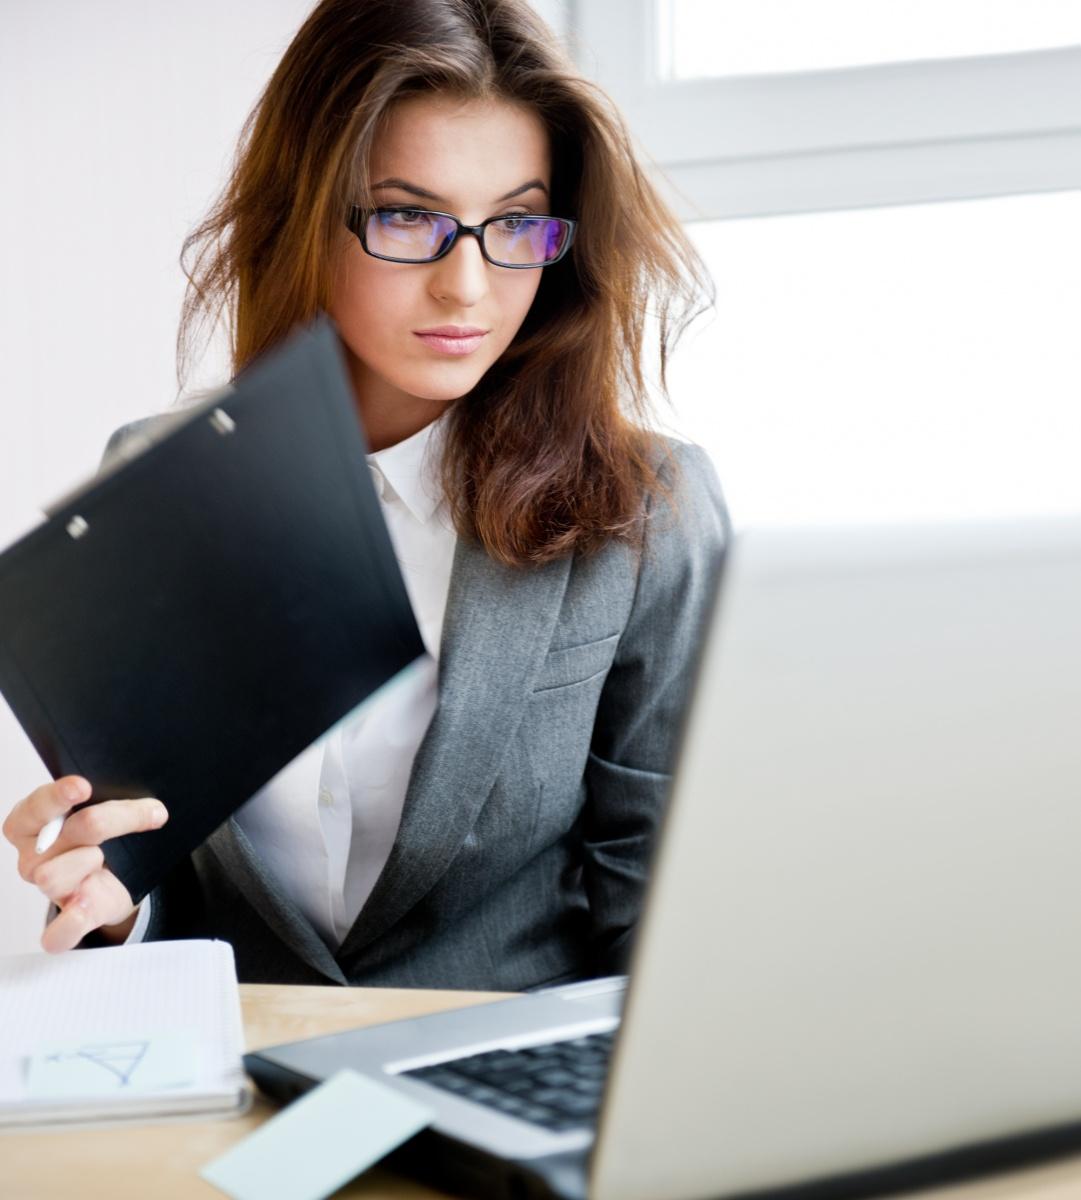 Тест: Узнай, что мешает твоему карьерному росту?